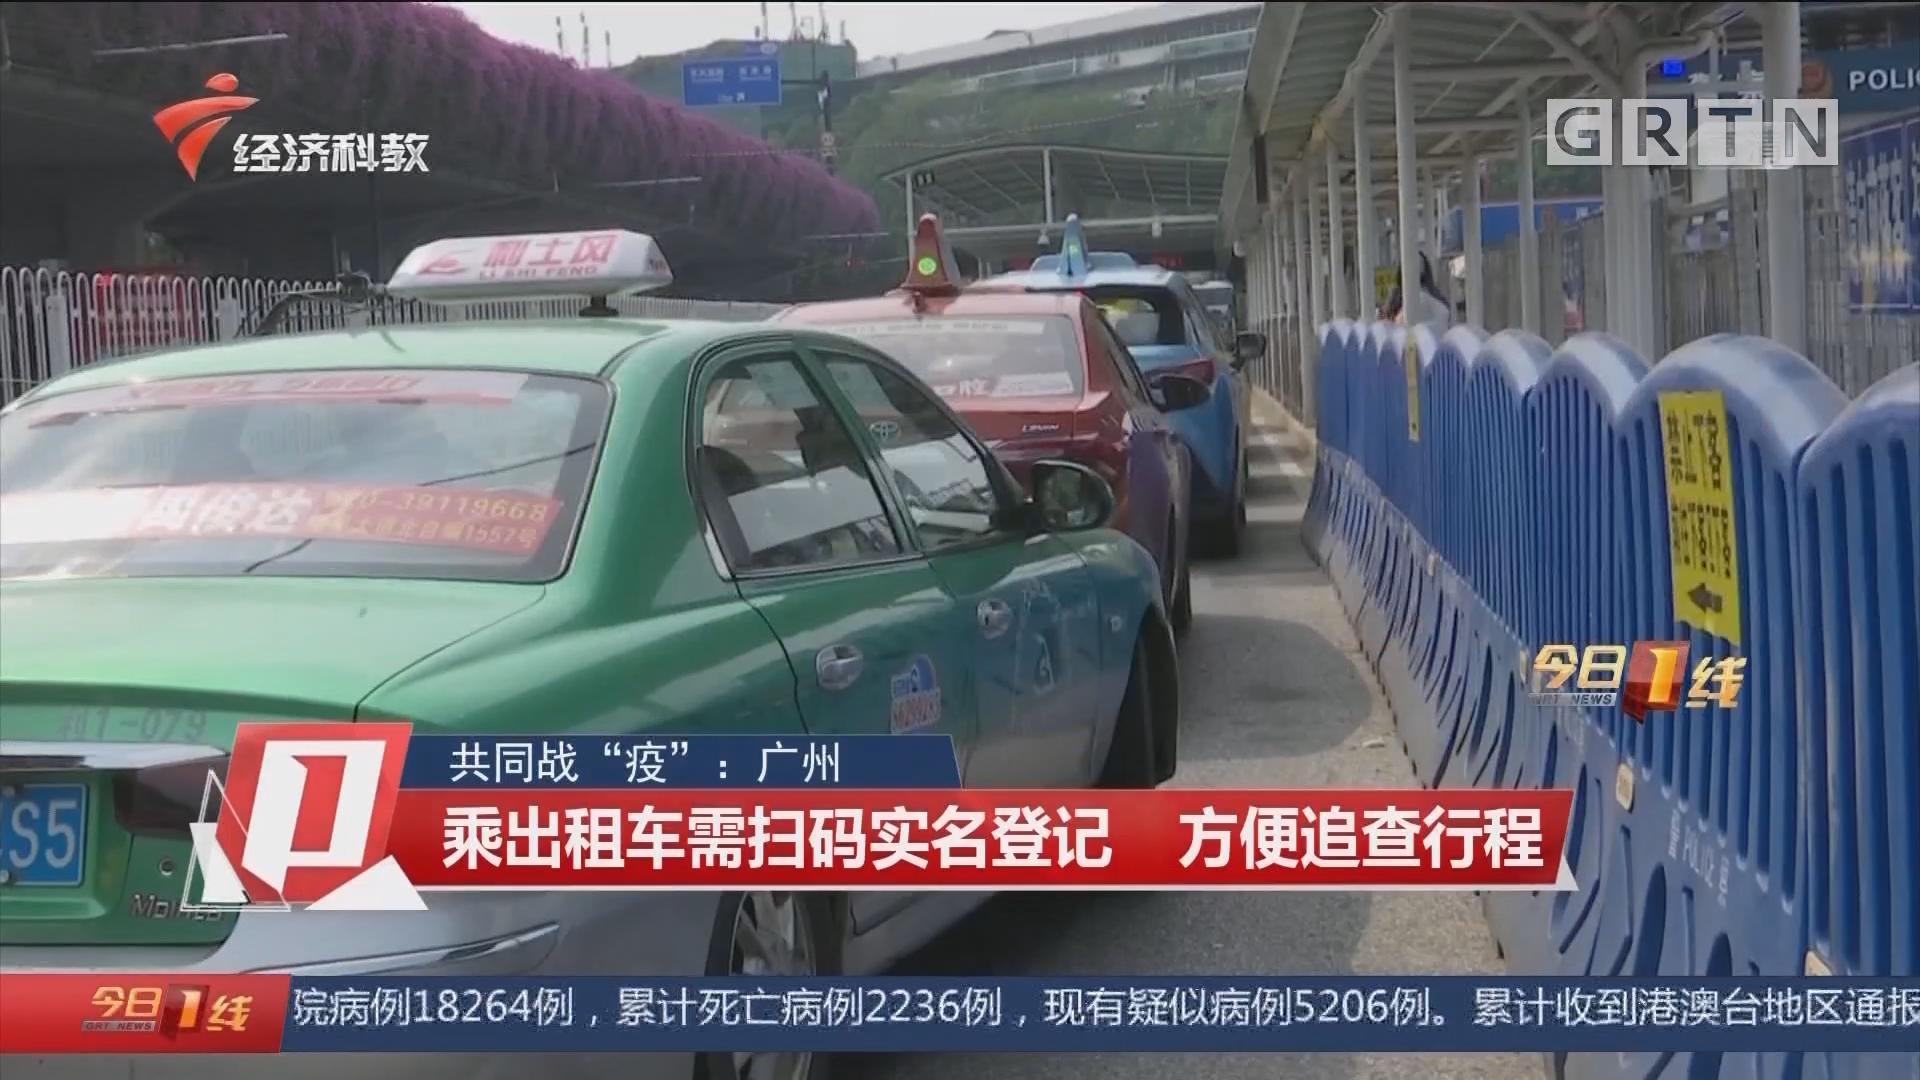 """共同战""""疫"""":广州 乘出租车需扫码实名登记 方便追查行程"""